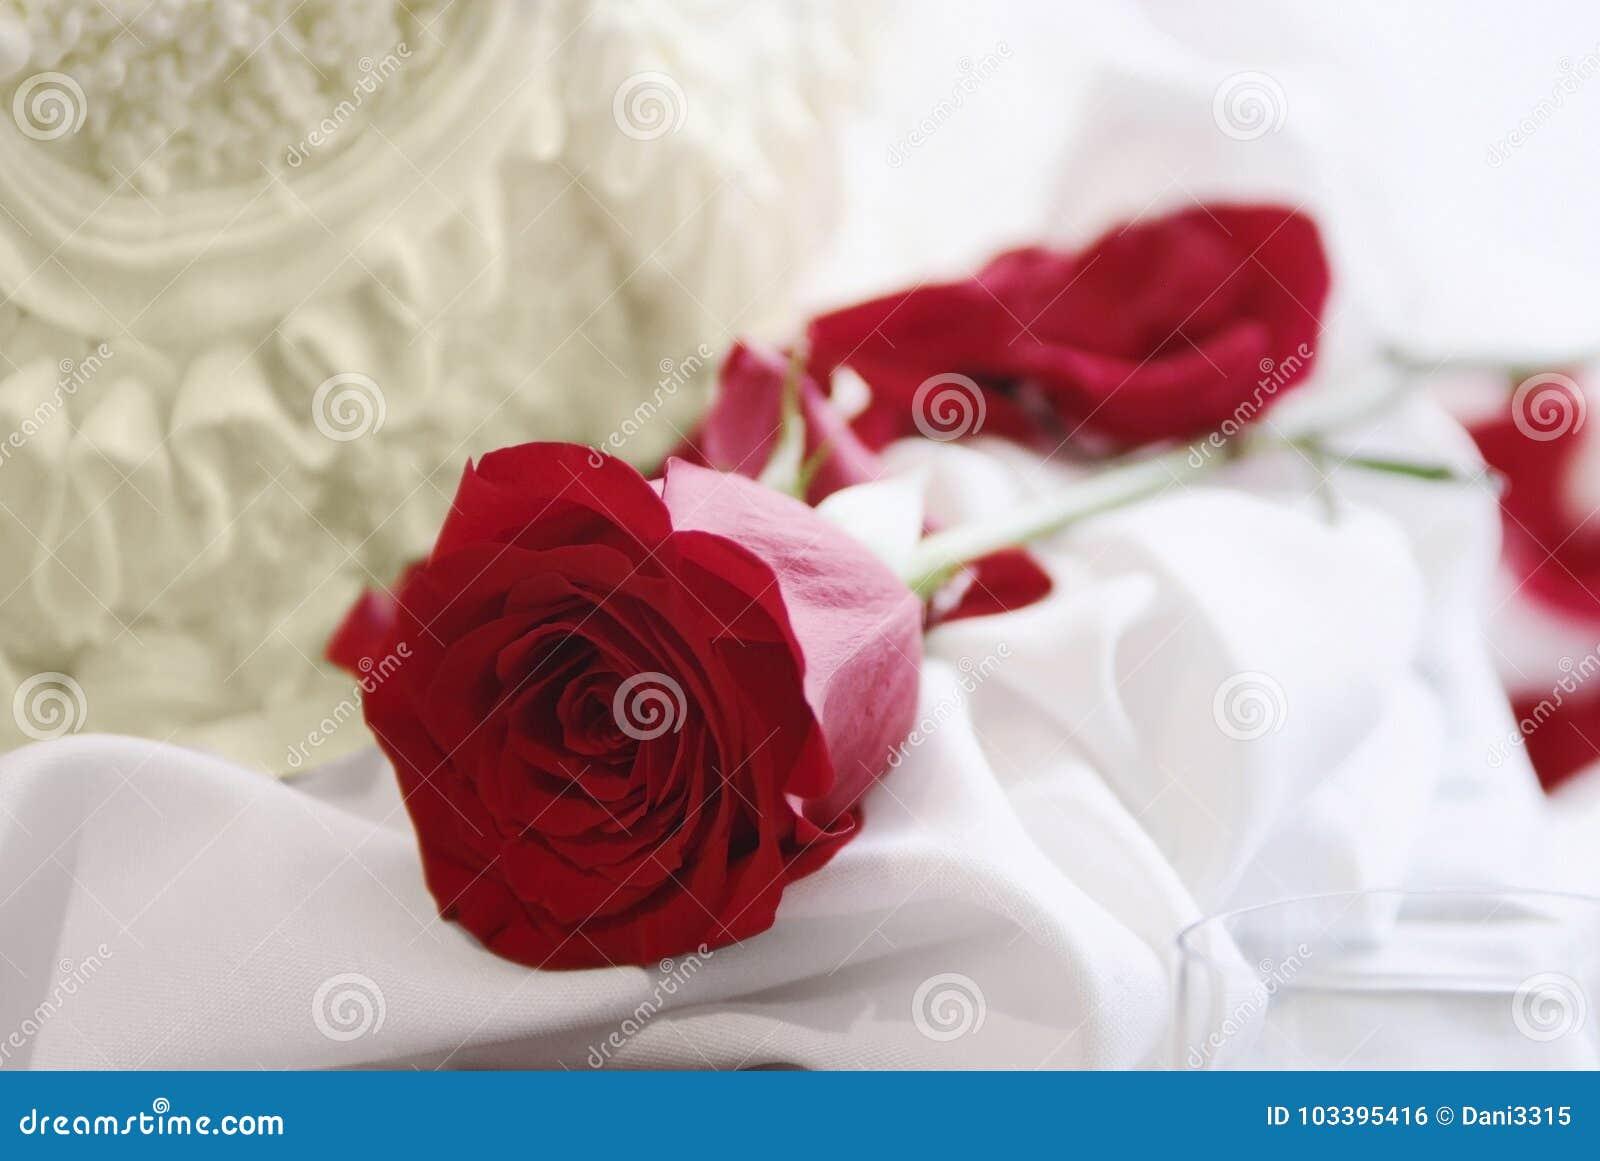 Rood nam en cake, huwelijk of valentijnskaartconcept toe